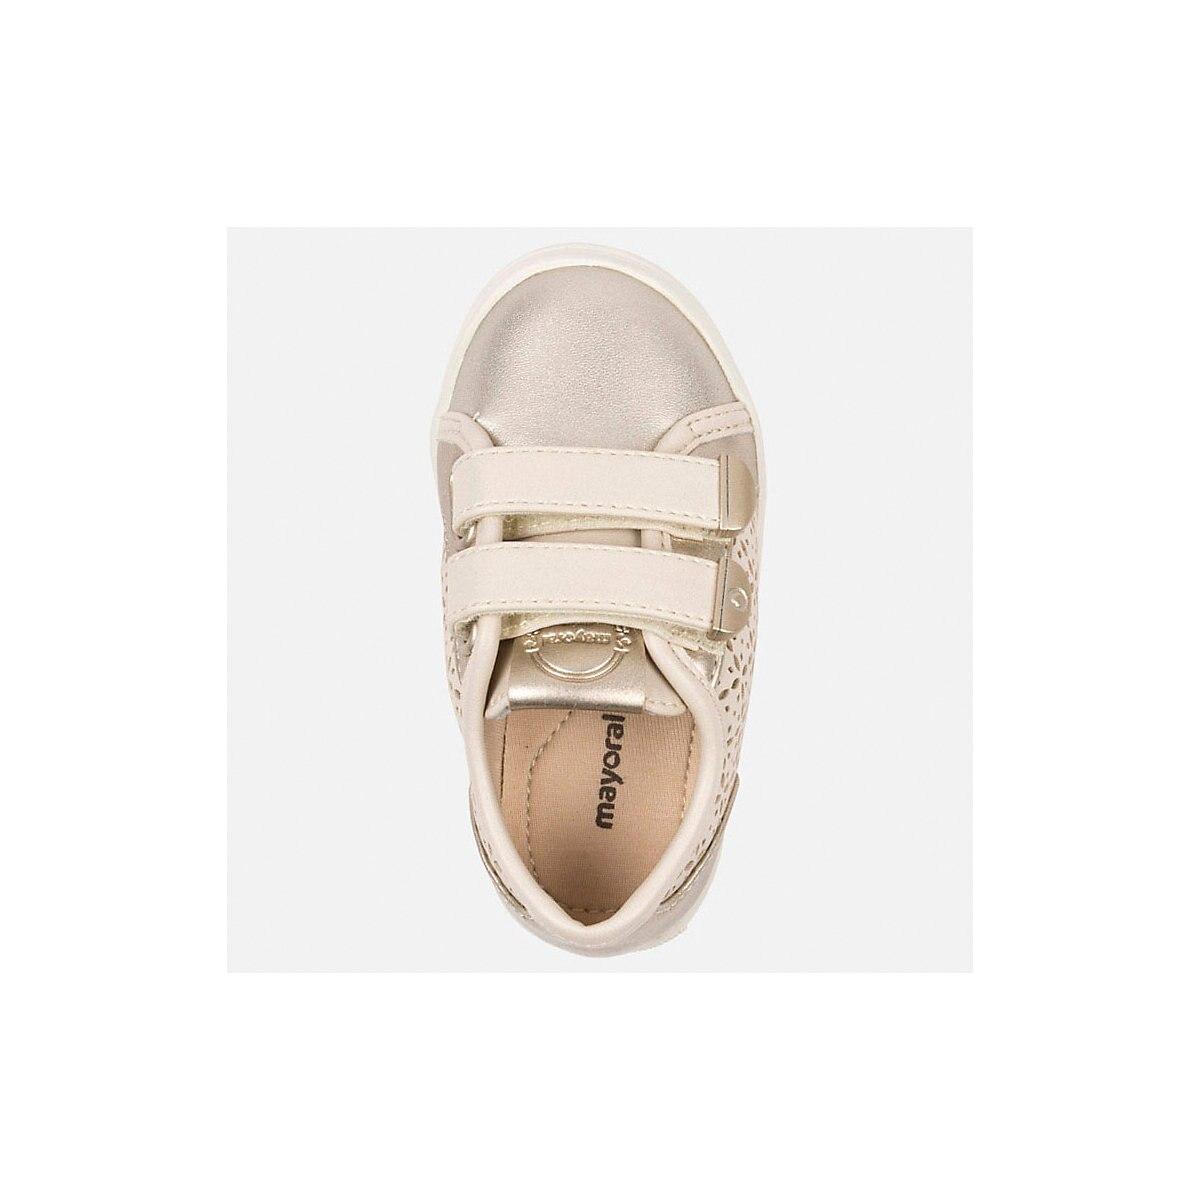 MAYORAL niños zapatos casuales 10642690 zapatillas Zapatillas para correr para niños amarillo deporte chicas PU - 3